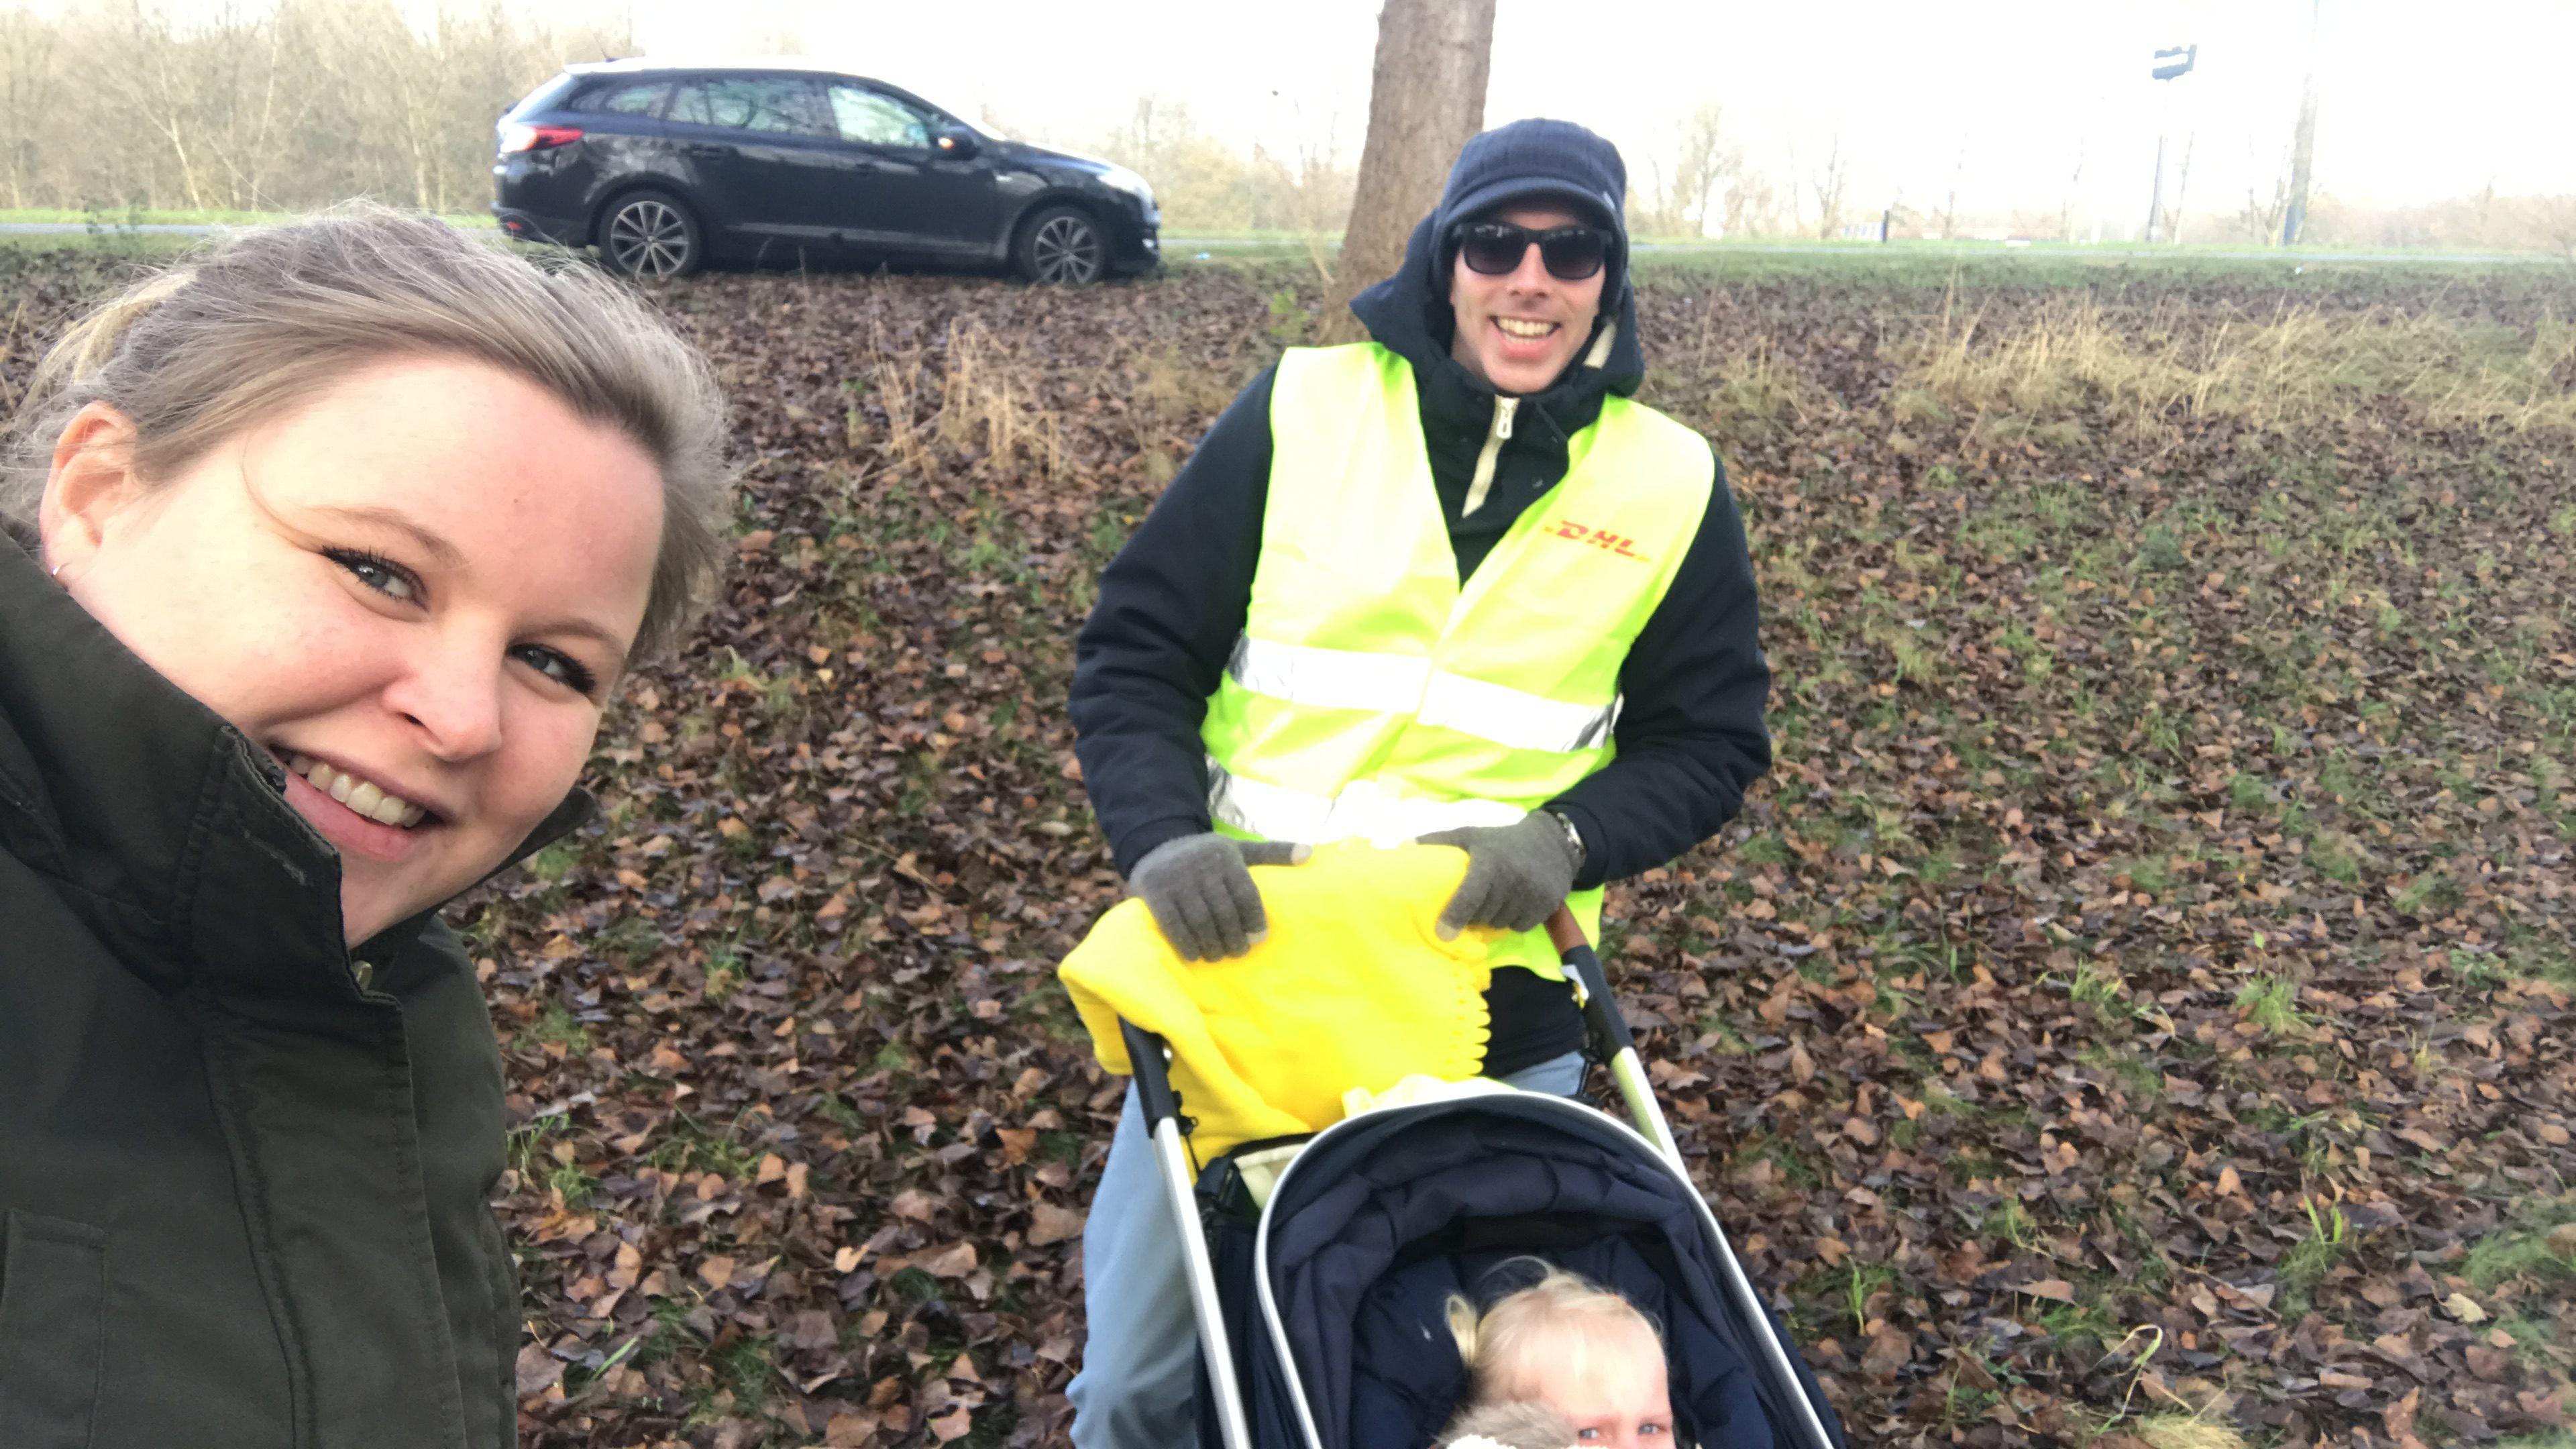 11-16-pech-onderweg-autopechanwb-kinderen-kleine-baby-kind-wat-doen-alarm-uit-de-auto-ervaring-nanny-moeder-amsterdam-blij